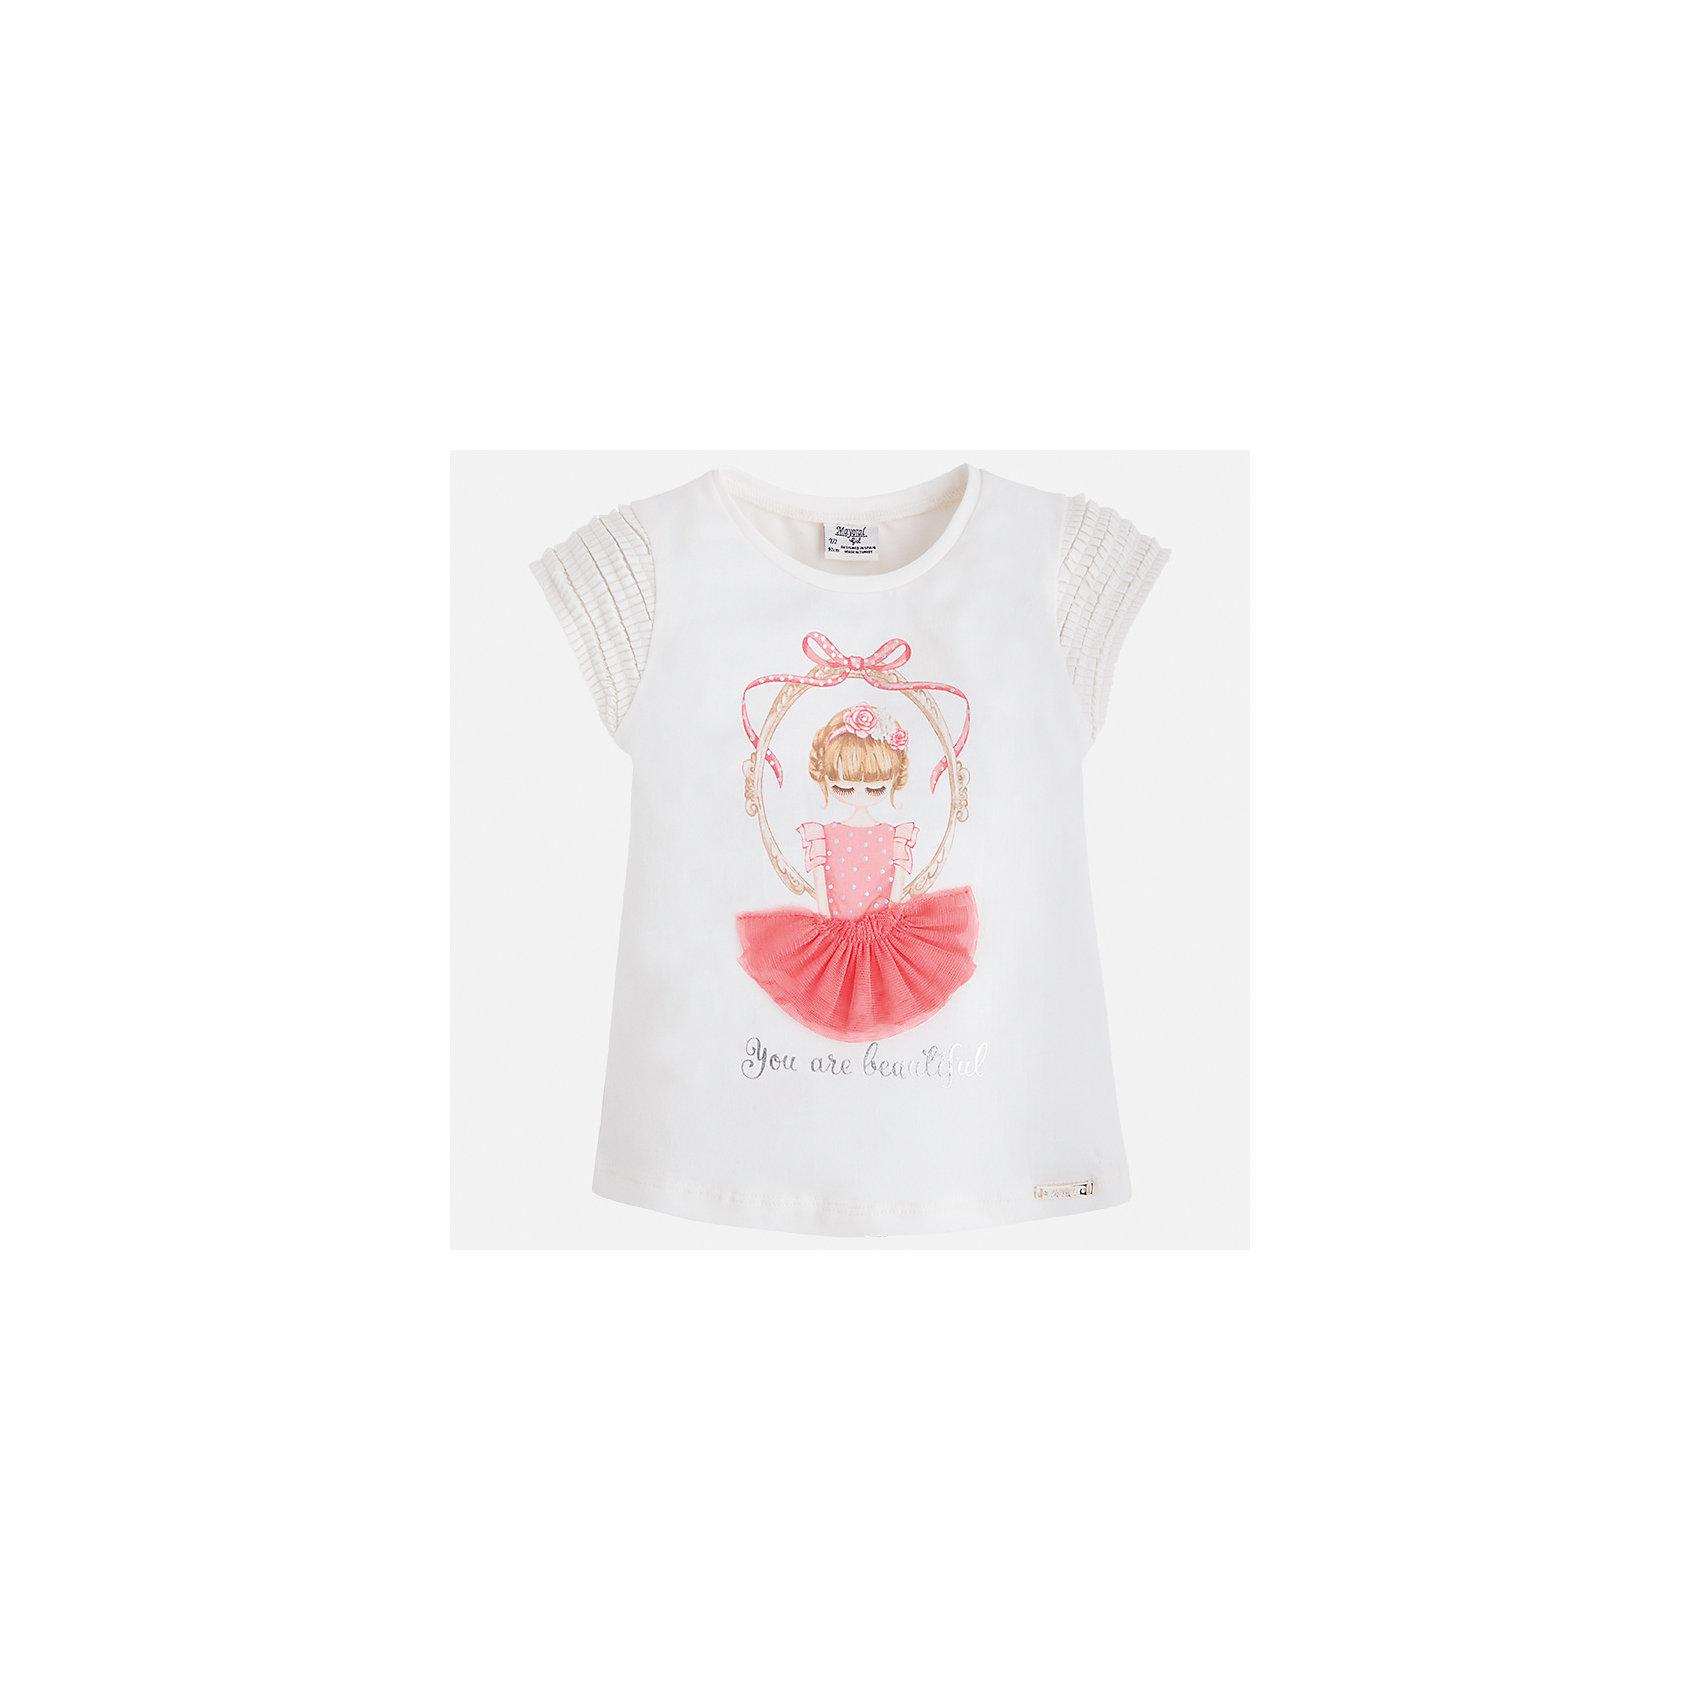 Футболка для девочки MayoralХарактеристики товара:<br><br>• цвет: белый<br>• состав: 95% хлопок, 5% эластан<br>• эластичный материал<br>• декорирована принтом<br>• короткие рукава<br>• фактурные плечи<br>• округлый горловой вырез<br>• страна бренда: Испания<br><br>Стильная качественная футболка для девочки поможет разнообразить гардероб ребенка и украсить наряд. Она отлично сочетается и с юбками, и с шортами, и с брюками. Универсальный цвет позволяет подобрать к вещи низ практически любой расцветки. Интересная отделка модели делает её нарядной и оригинальной. В составе материала есть натуральный хлопок, гипоаллергенный, приятный на ощупь, дышащий.<br><br>Одежда, обувь и аксессуары от испанского бренда Mayoral полюбились детям и взрослым по всему миру. Модели этой марки - стильные и удобные. Для их производства используются только безопасные, качественные материалы и фурнитура. Порадуйте ребенка модными и красивыми вещами от Mayoral! <br><br>Футболку для девочки от испанского бренда Mayoral (Майорал) можно купить в нашем интернет-магазине.<br><br>Ширина мм: 199<br>Глубина мм: 10<br>Высота мм: 161<br>Вес г: 151<br>Цвет: оранжевый<br>Возраст от месяцев: 36<br>Возраст до месяцев: 48<br>Пол: Женский<br>Возраст: Детский<br>Размер: 104,110,116,122,128,134,92,98<br>SKU: 5300109